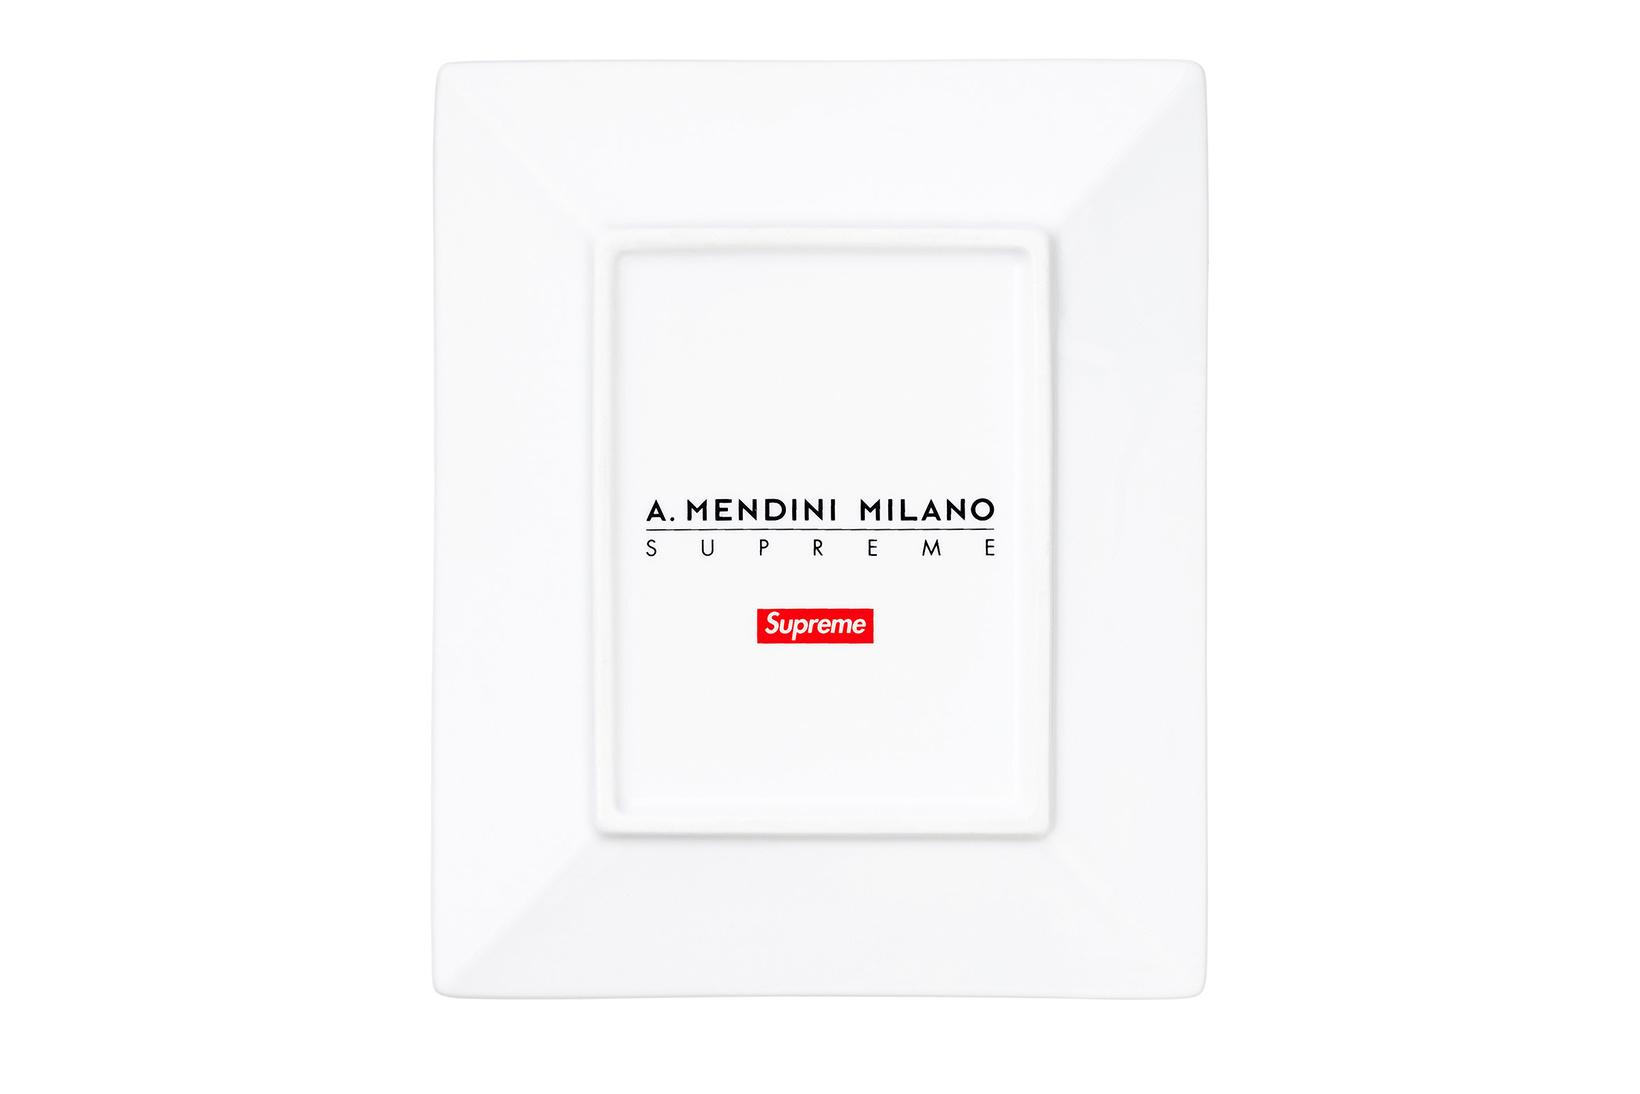 Supreme et Alessandro Mendini s'associent pour créer des plateaux décoratifs